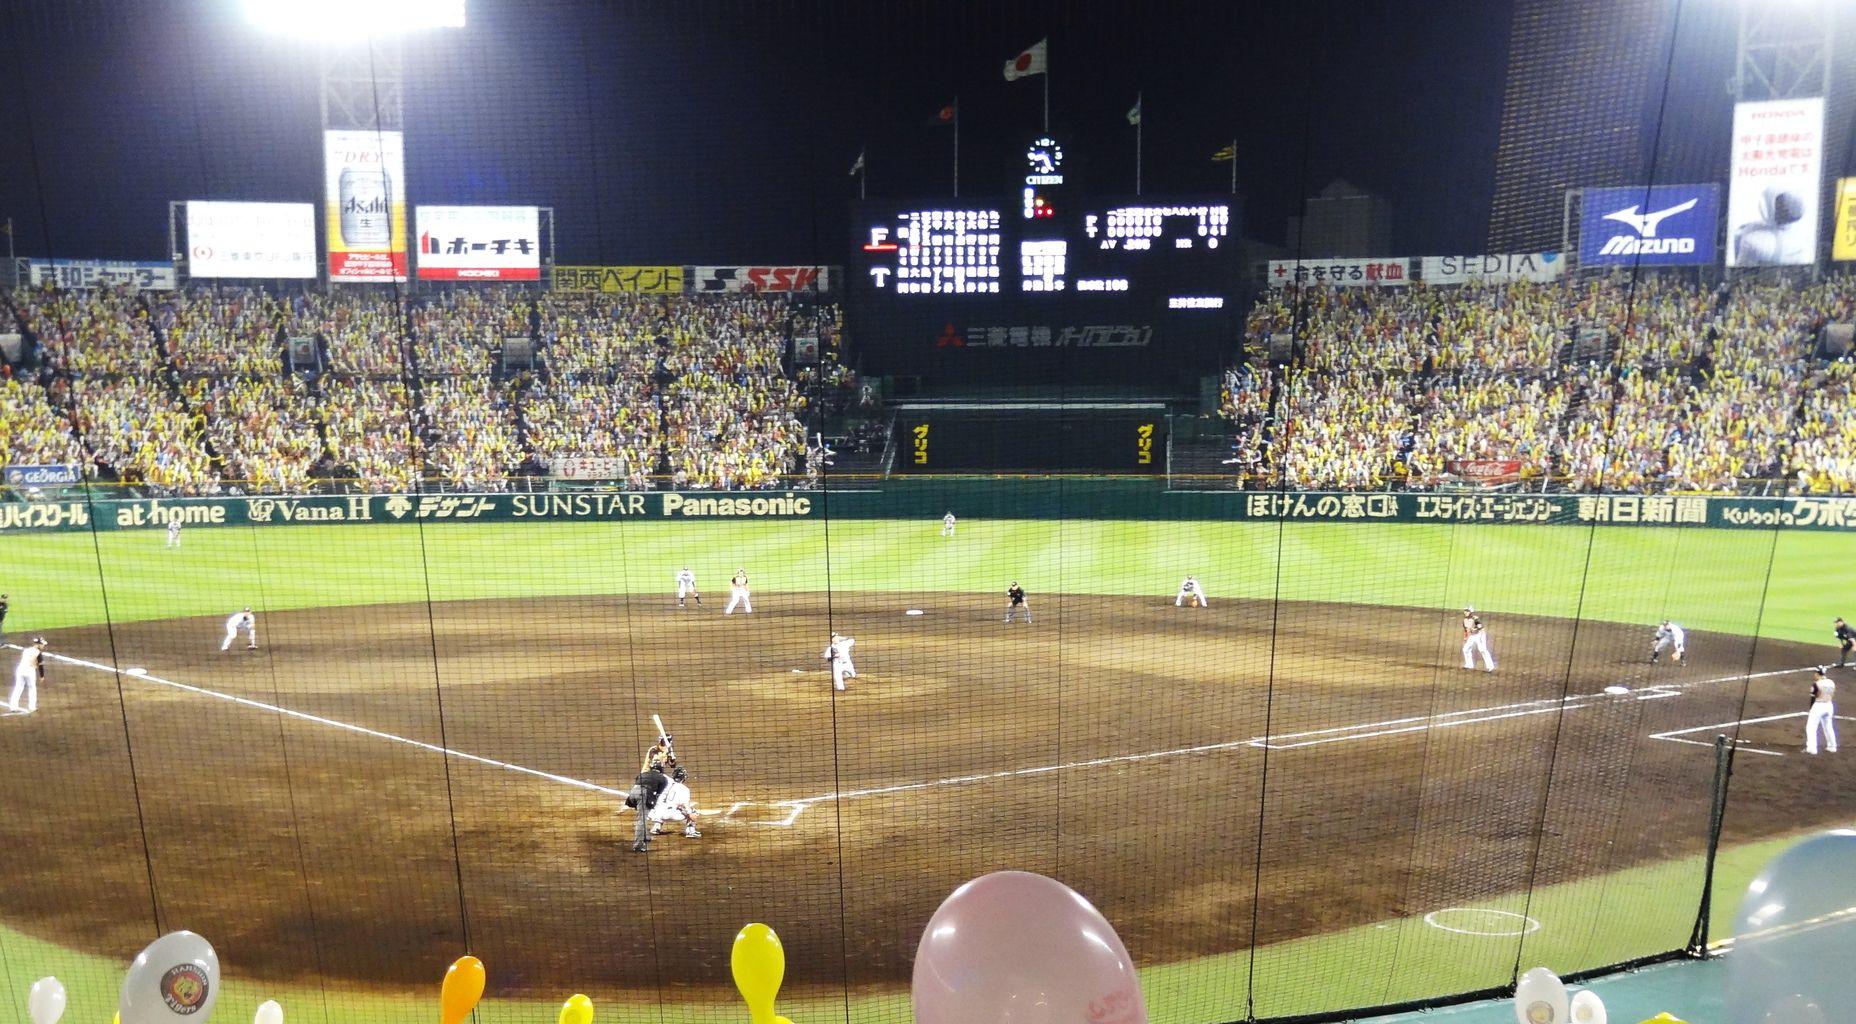 阪神タイガース観戦ツアー : 土佐料理 旬の鰹がゆく!